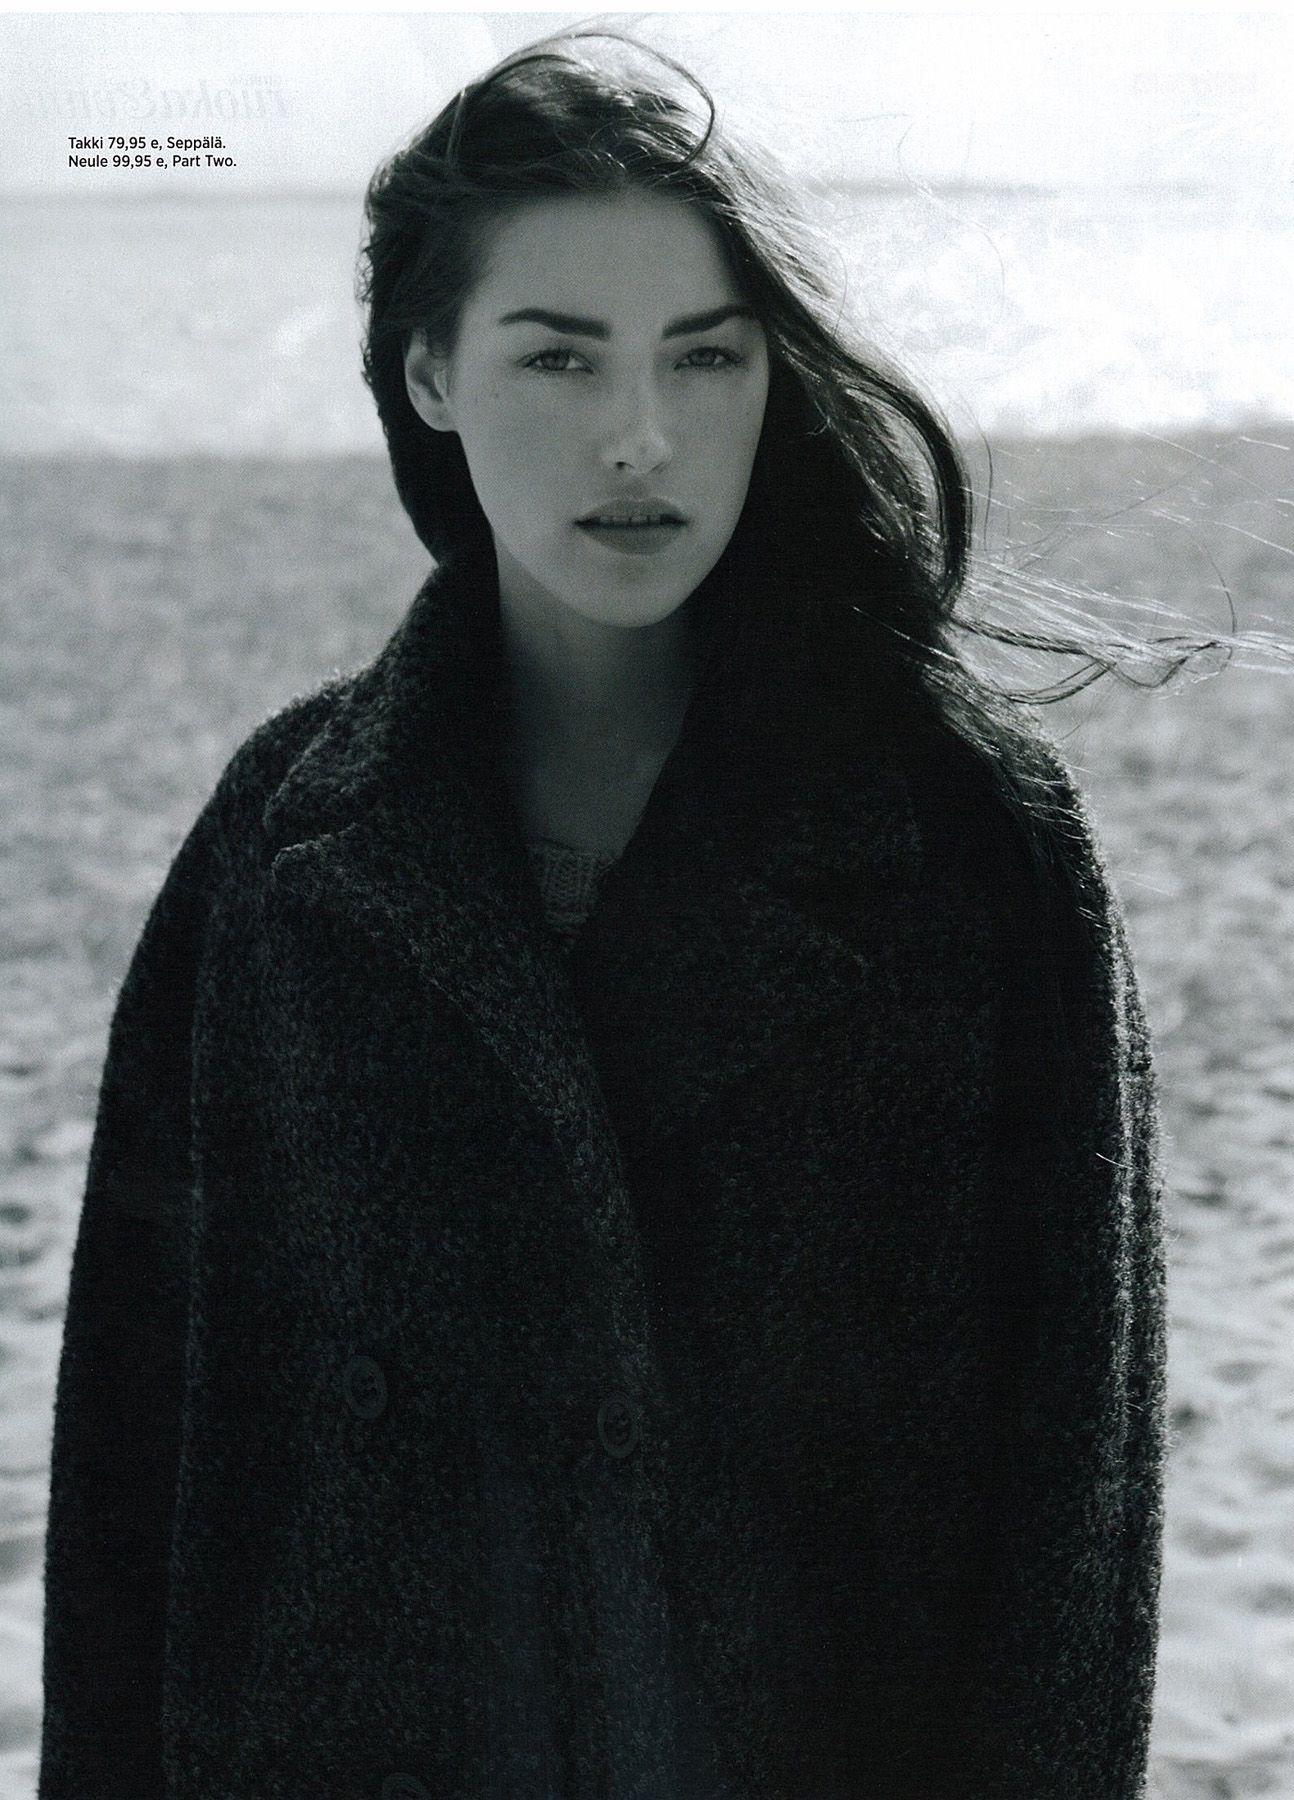 Sofia Oksanen